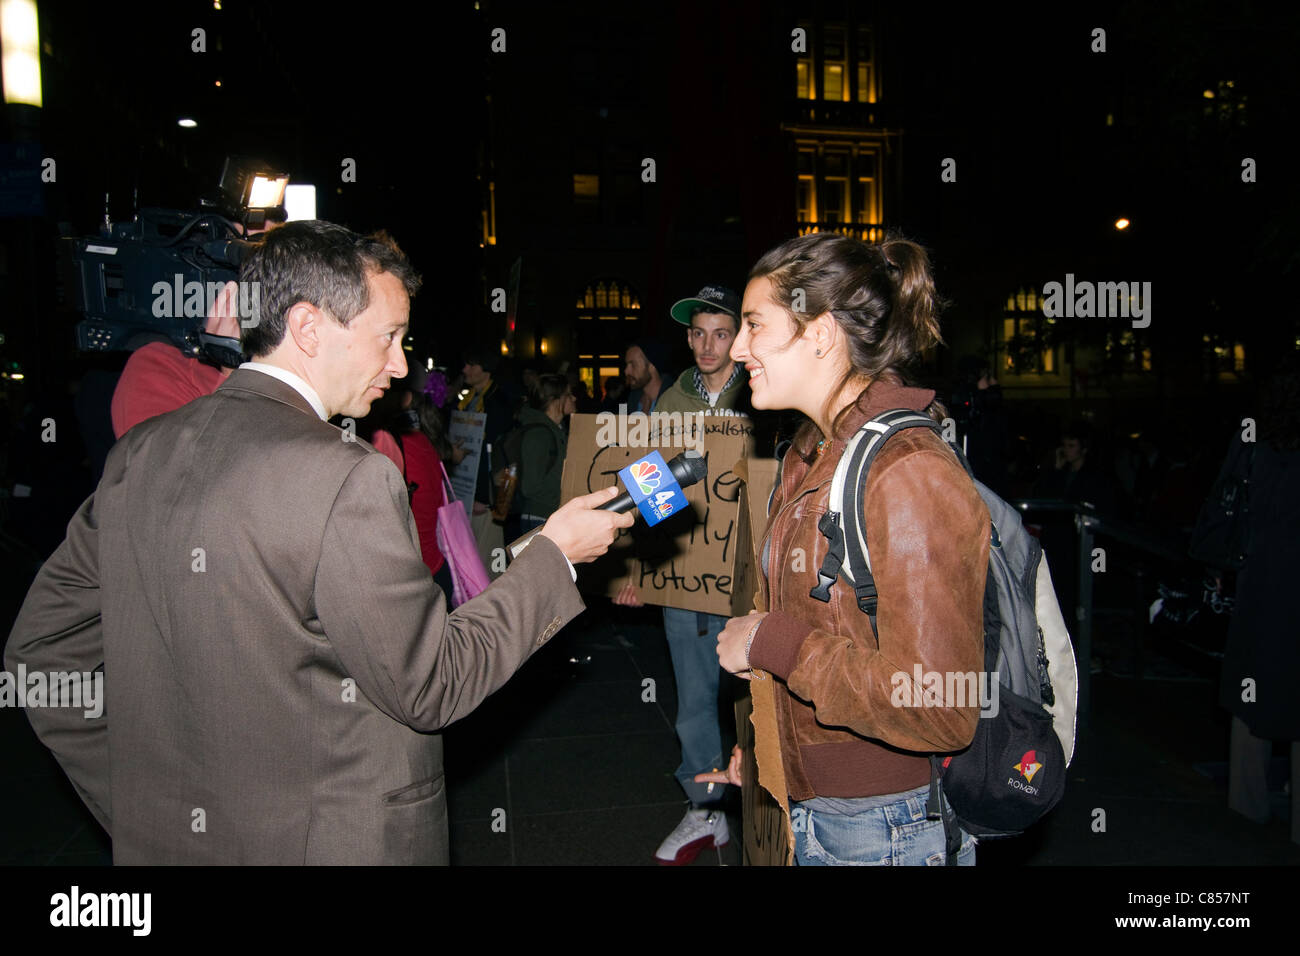 Ein Reporter und ein Kameramann interview Demonstranten spät in die Nacht am Zuccotti Park in Lower Manhattan Stockbild